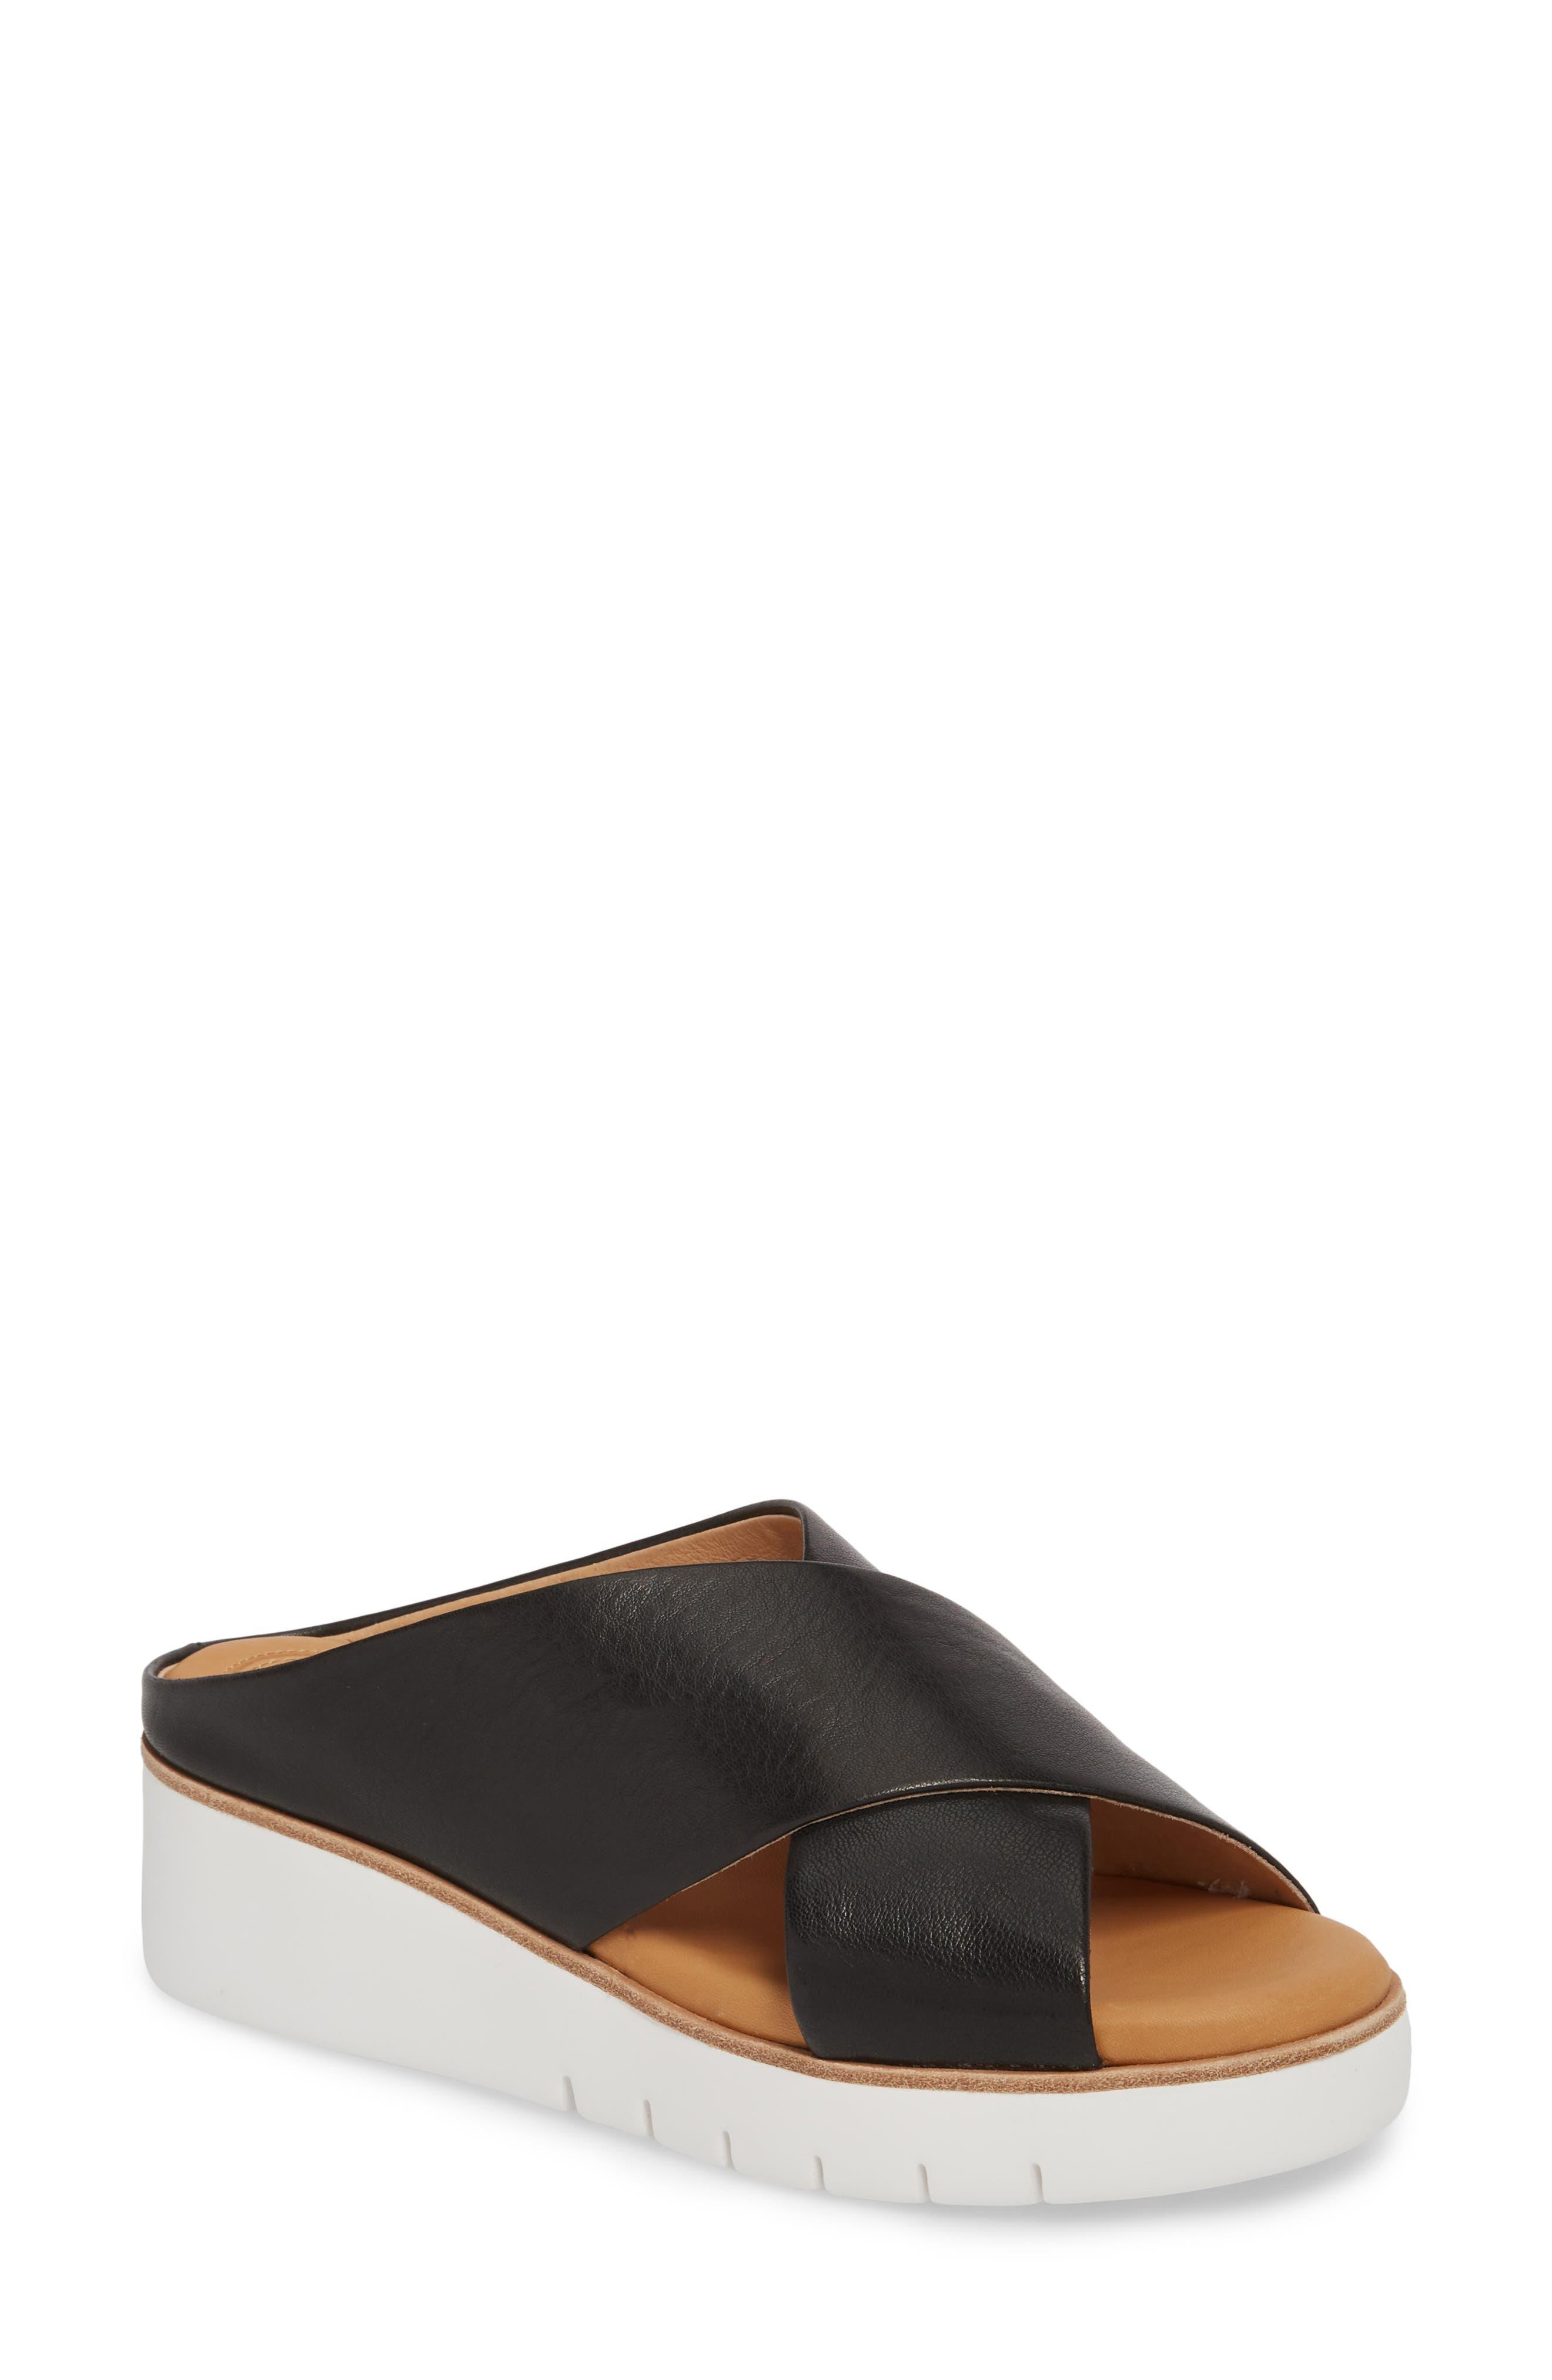 Brunna Sandal,                         Main,                         color, Black Leather